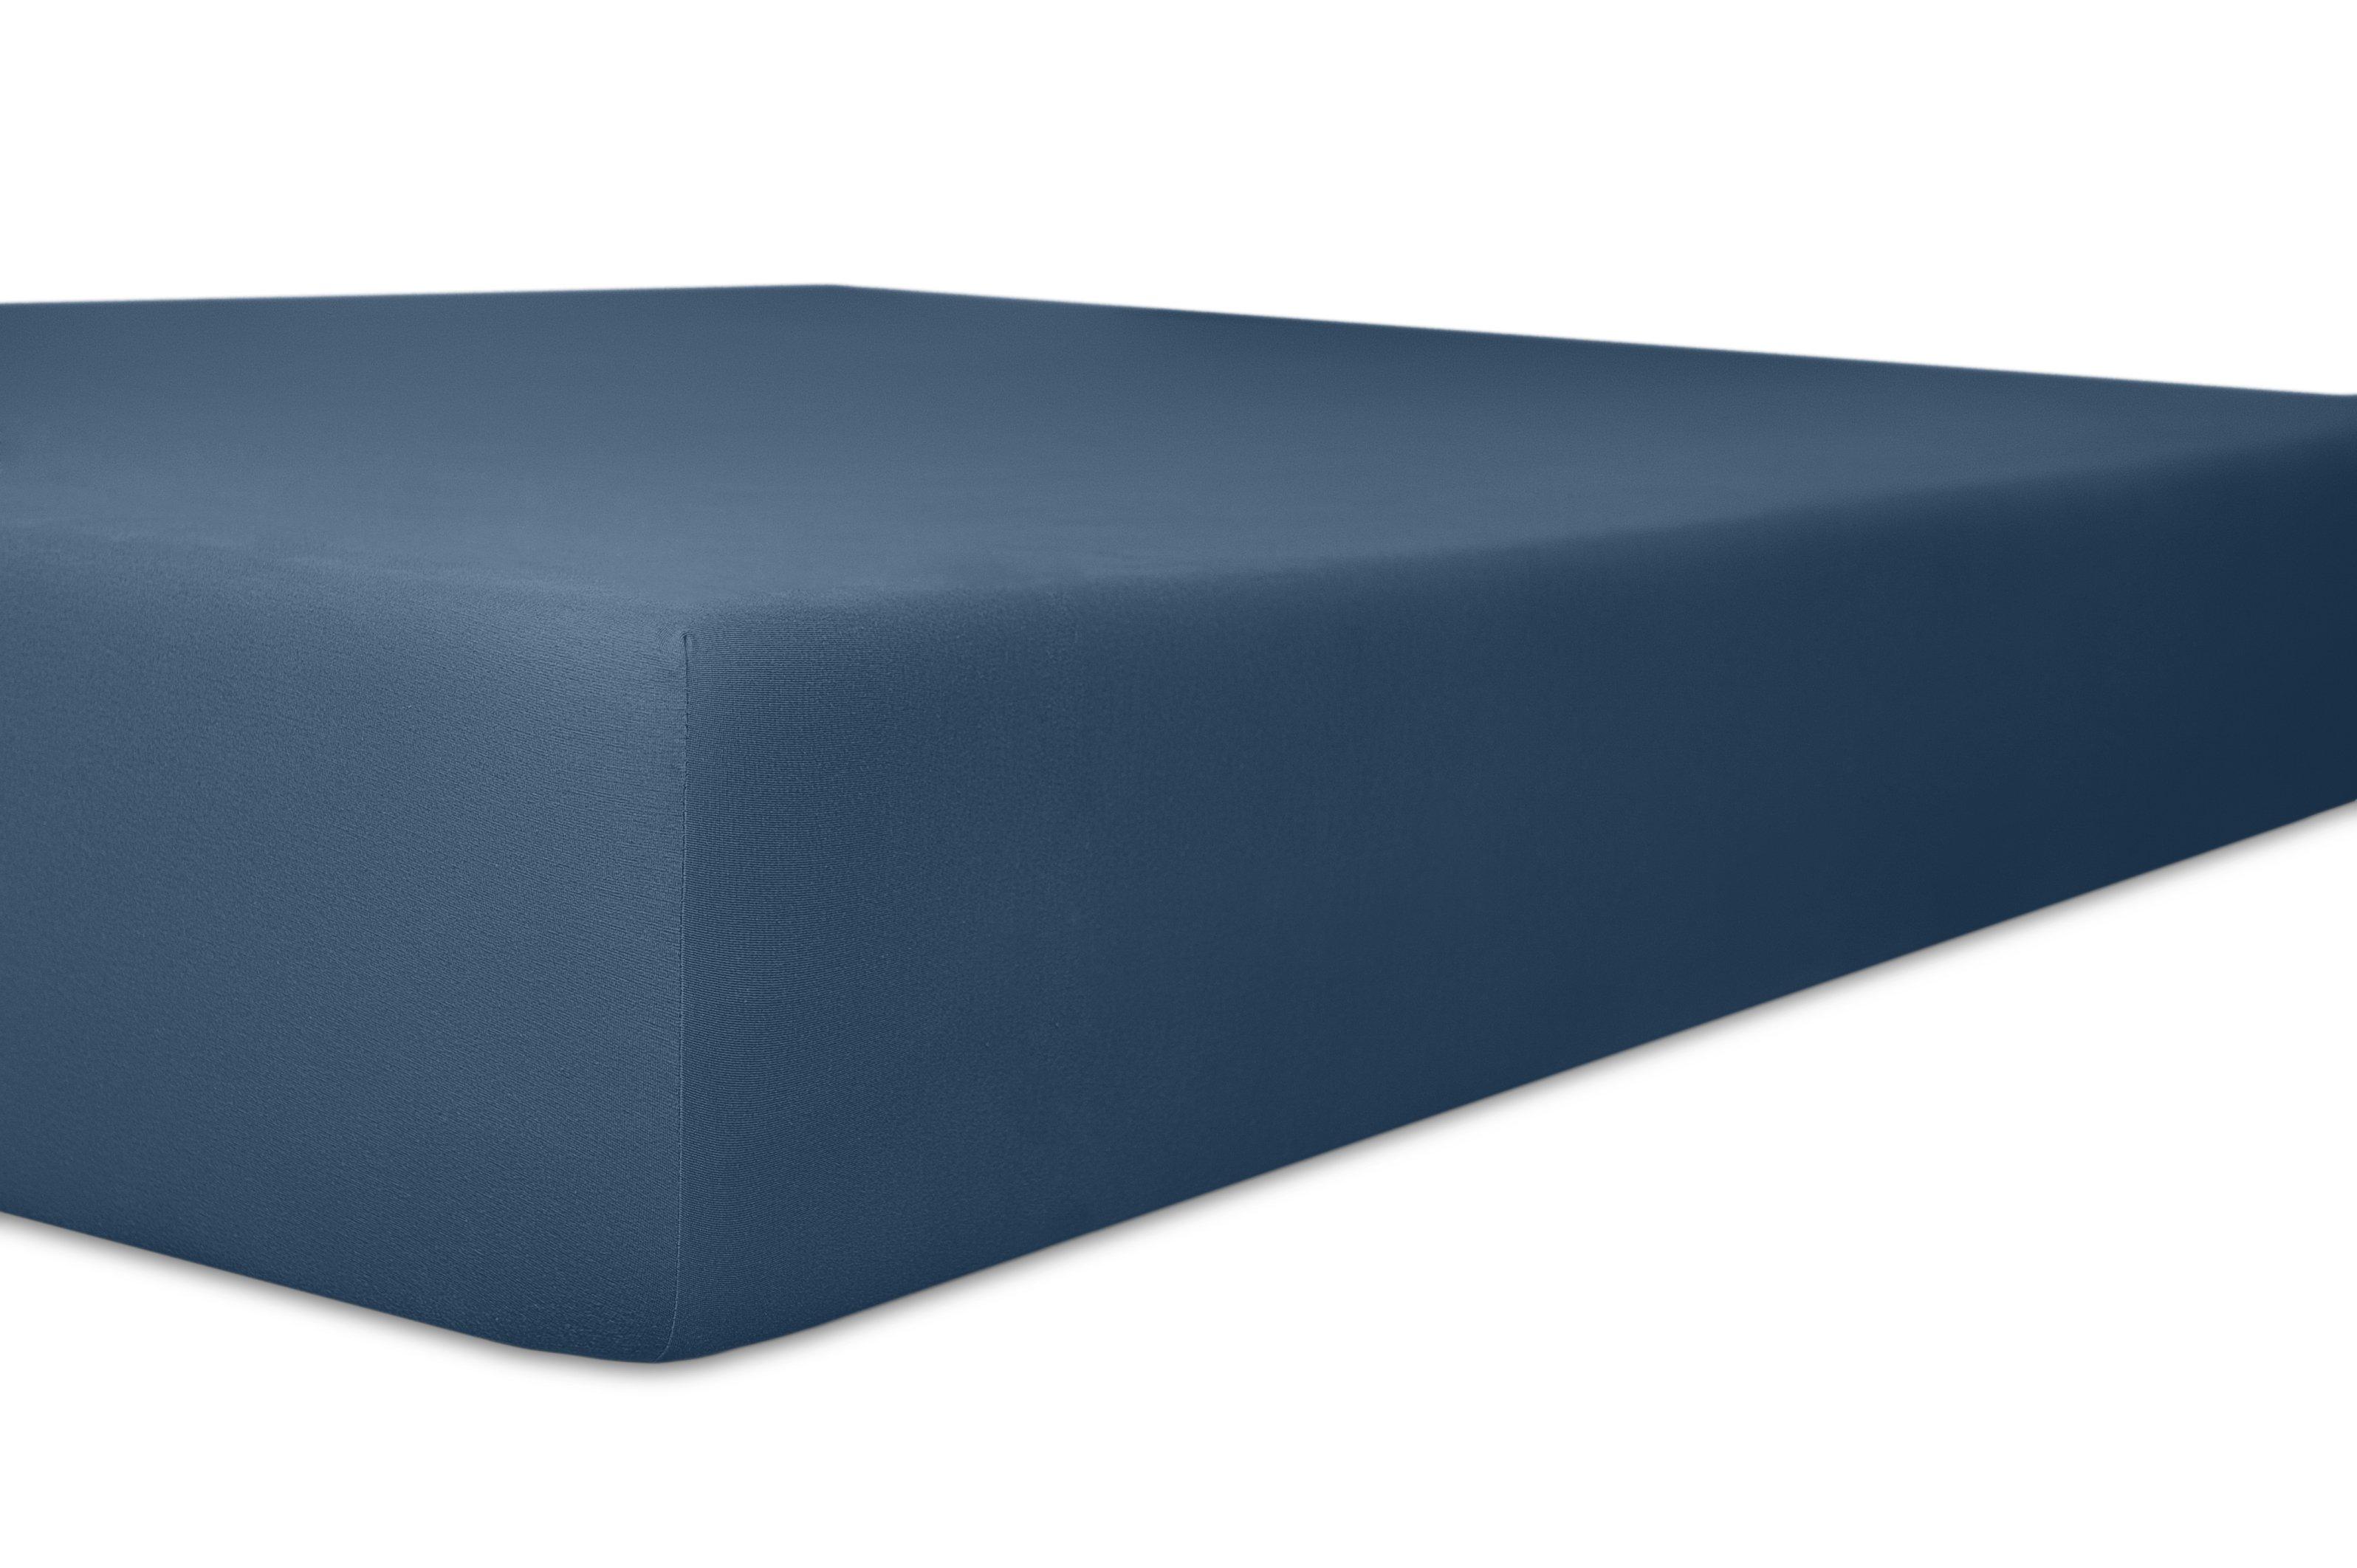 Spannbetttuch marine,180x200cm